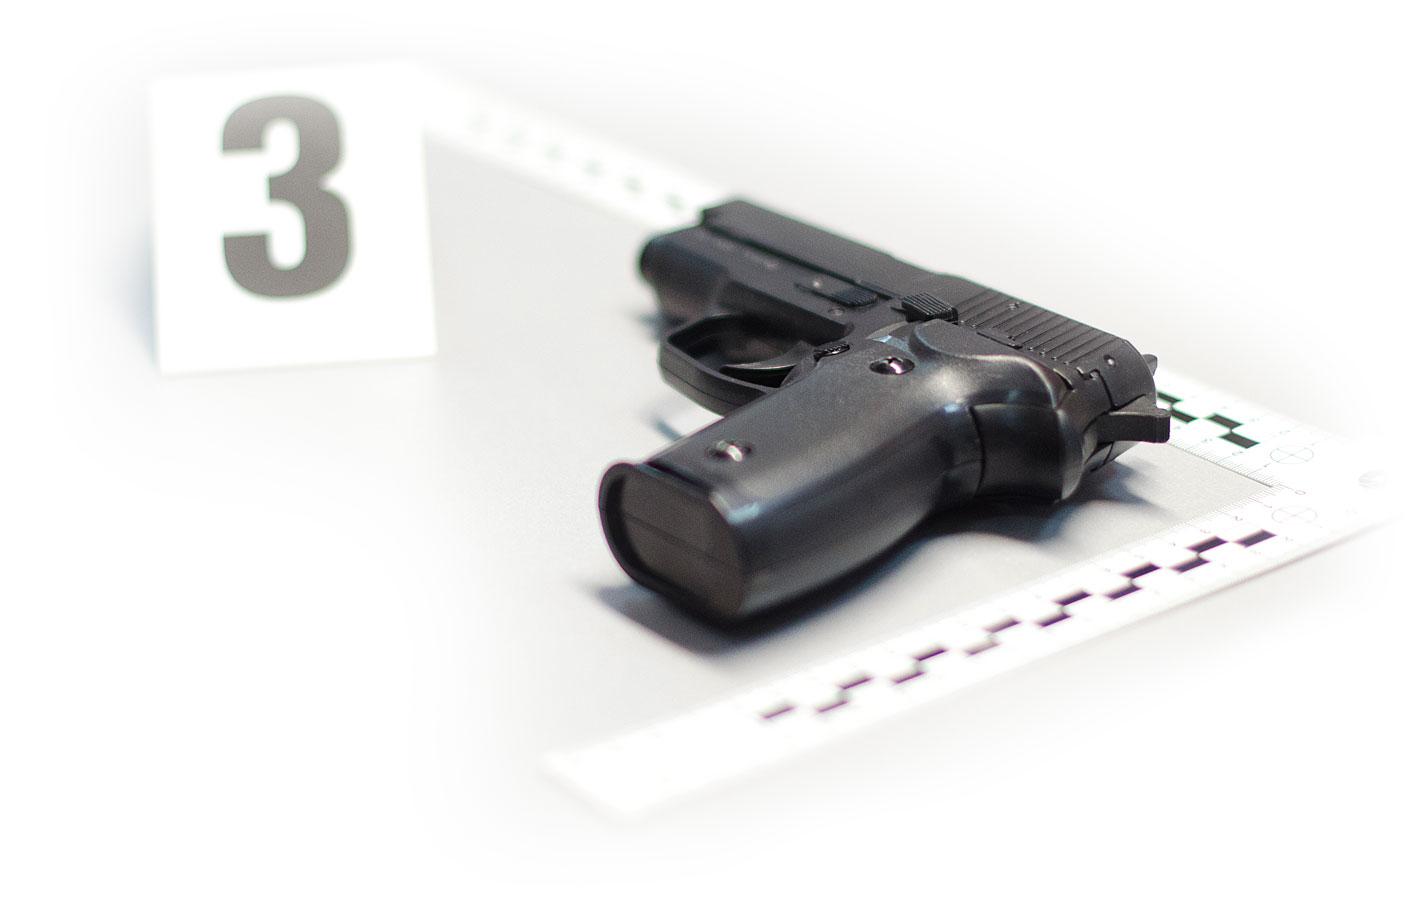 Zdjęcie ilustrujące laboratoria Bezpieczeństwa wewnętrznego